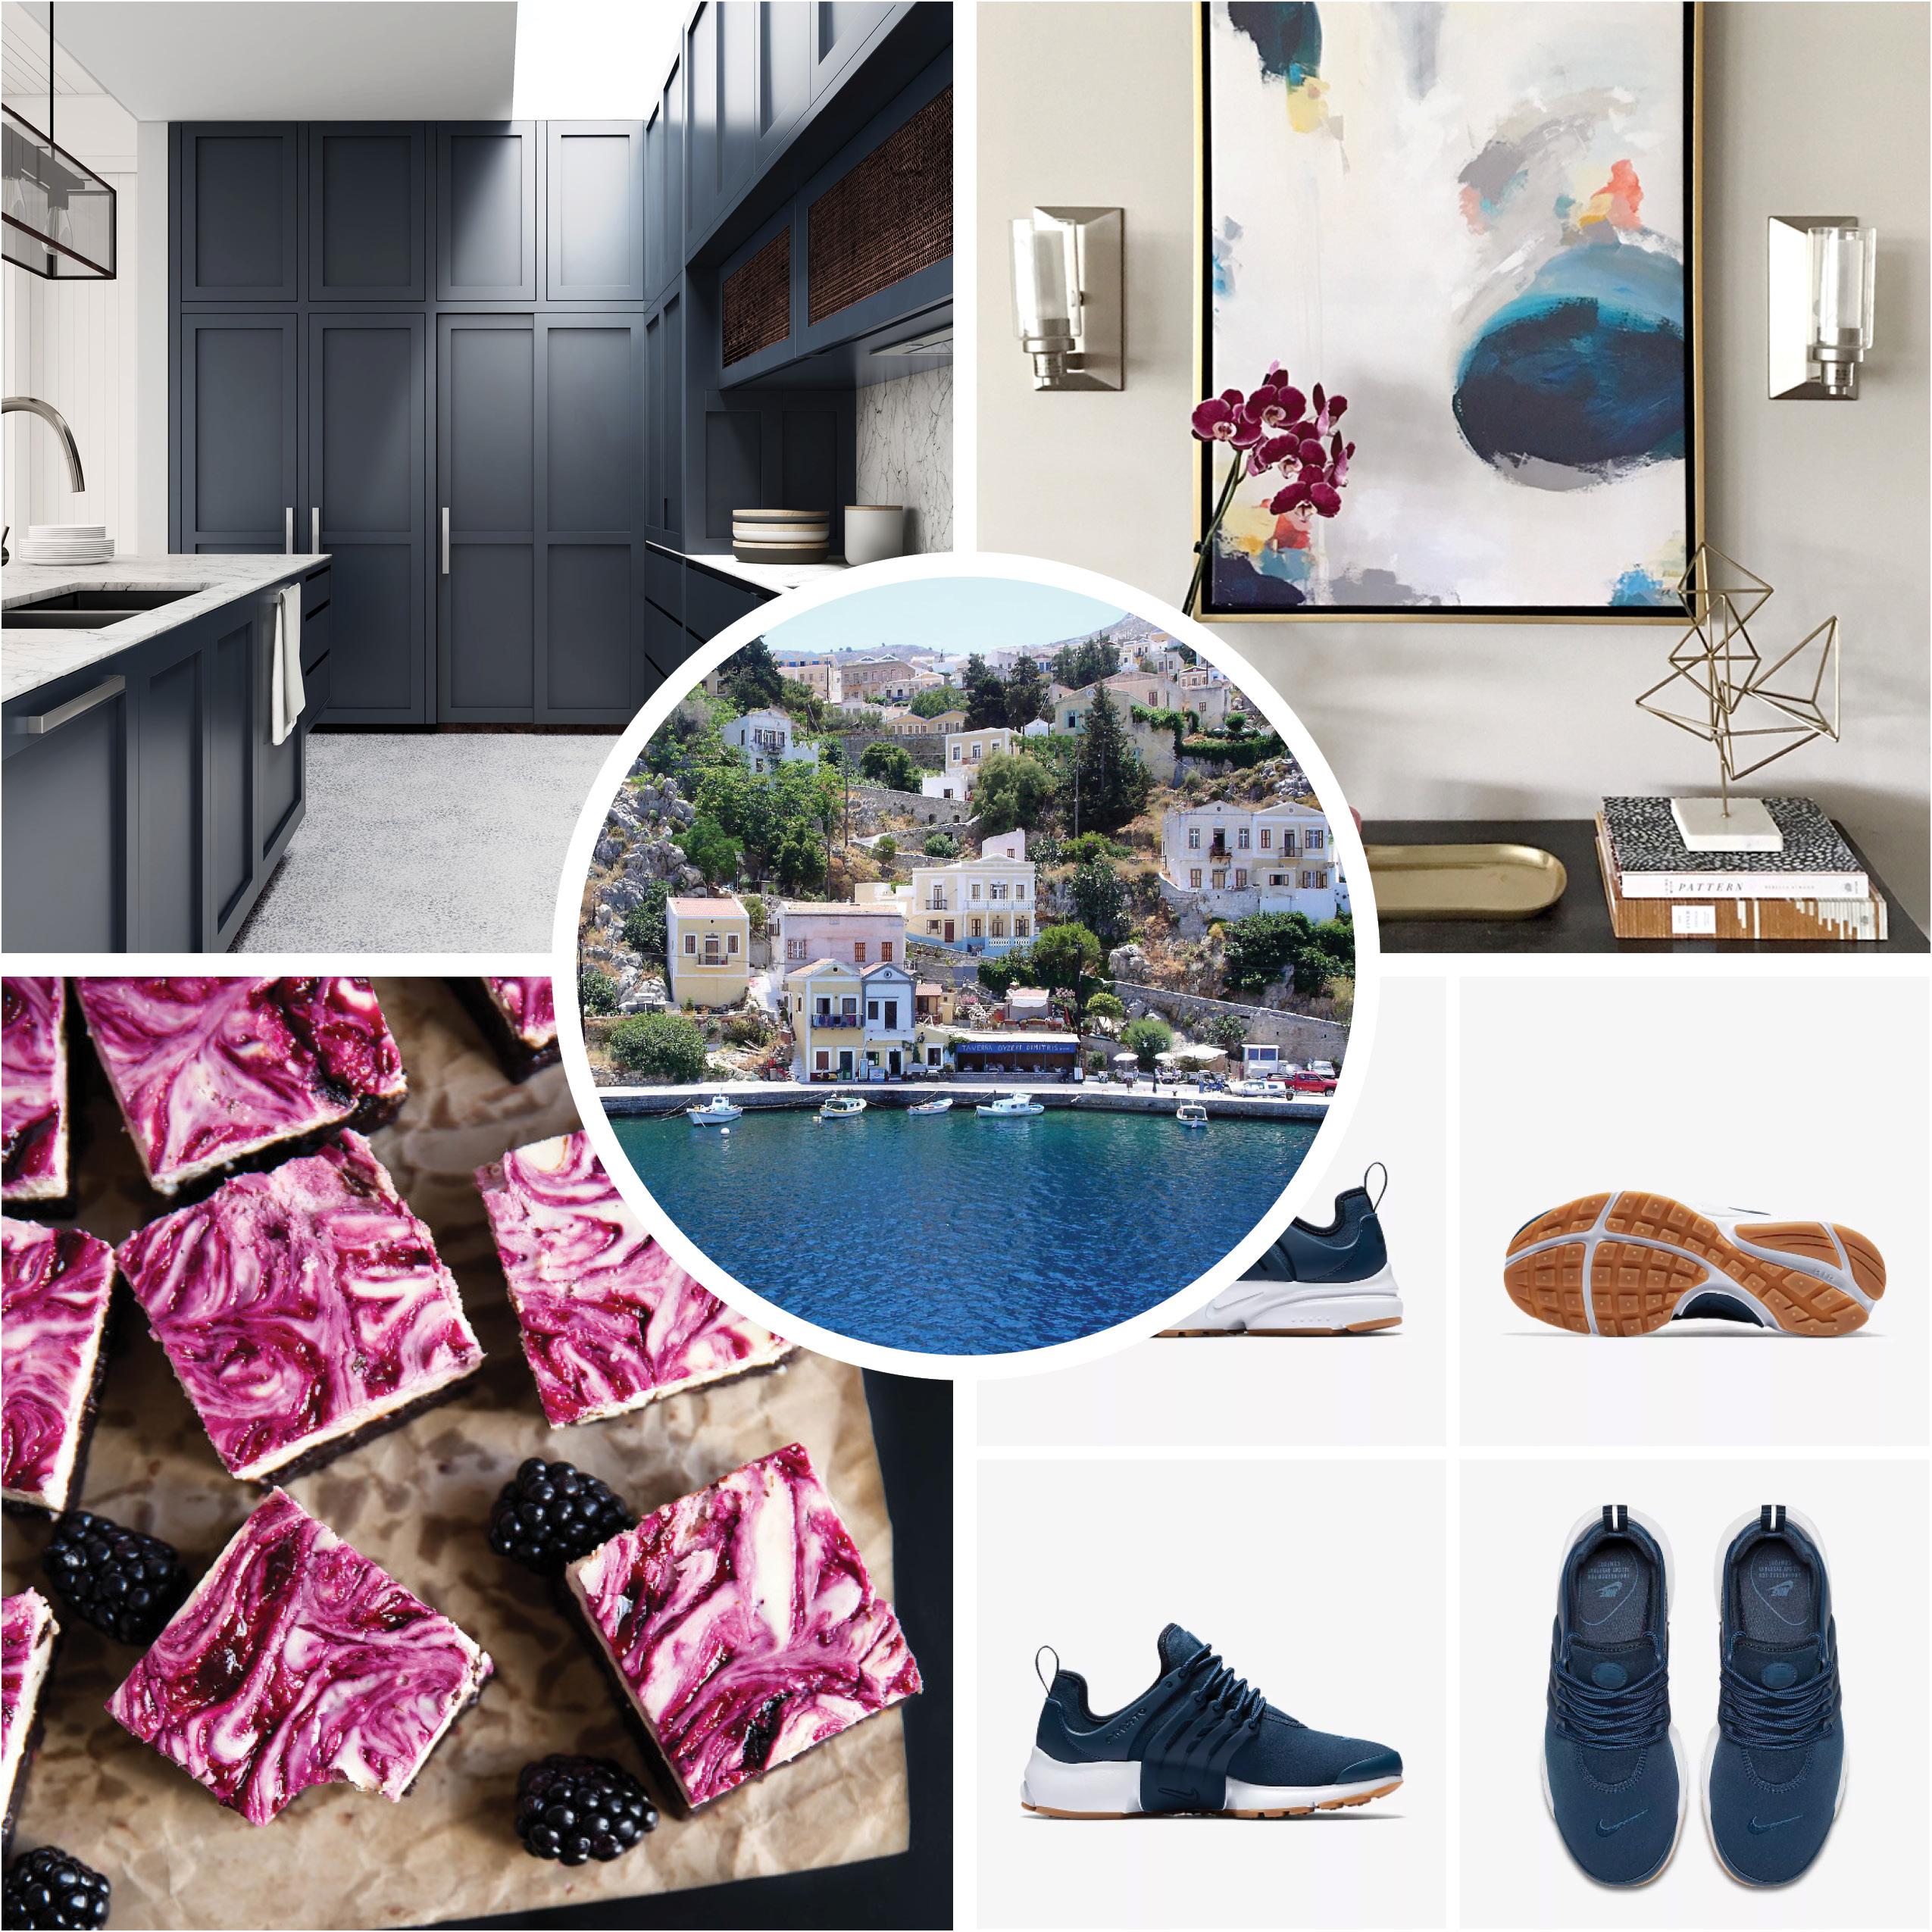 dessert, tennis shoes, artwork, navy kitchen